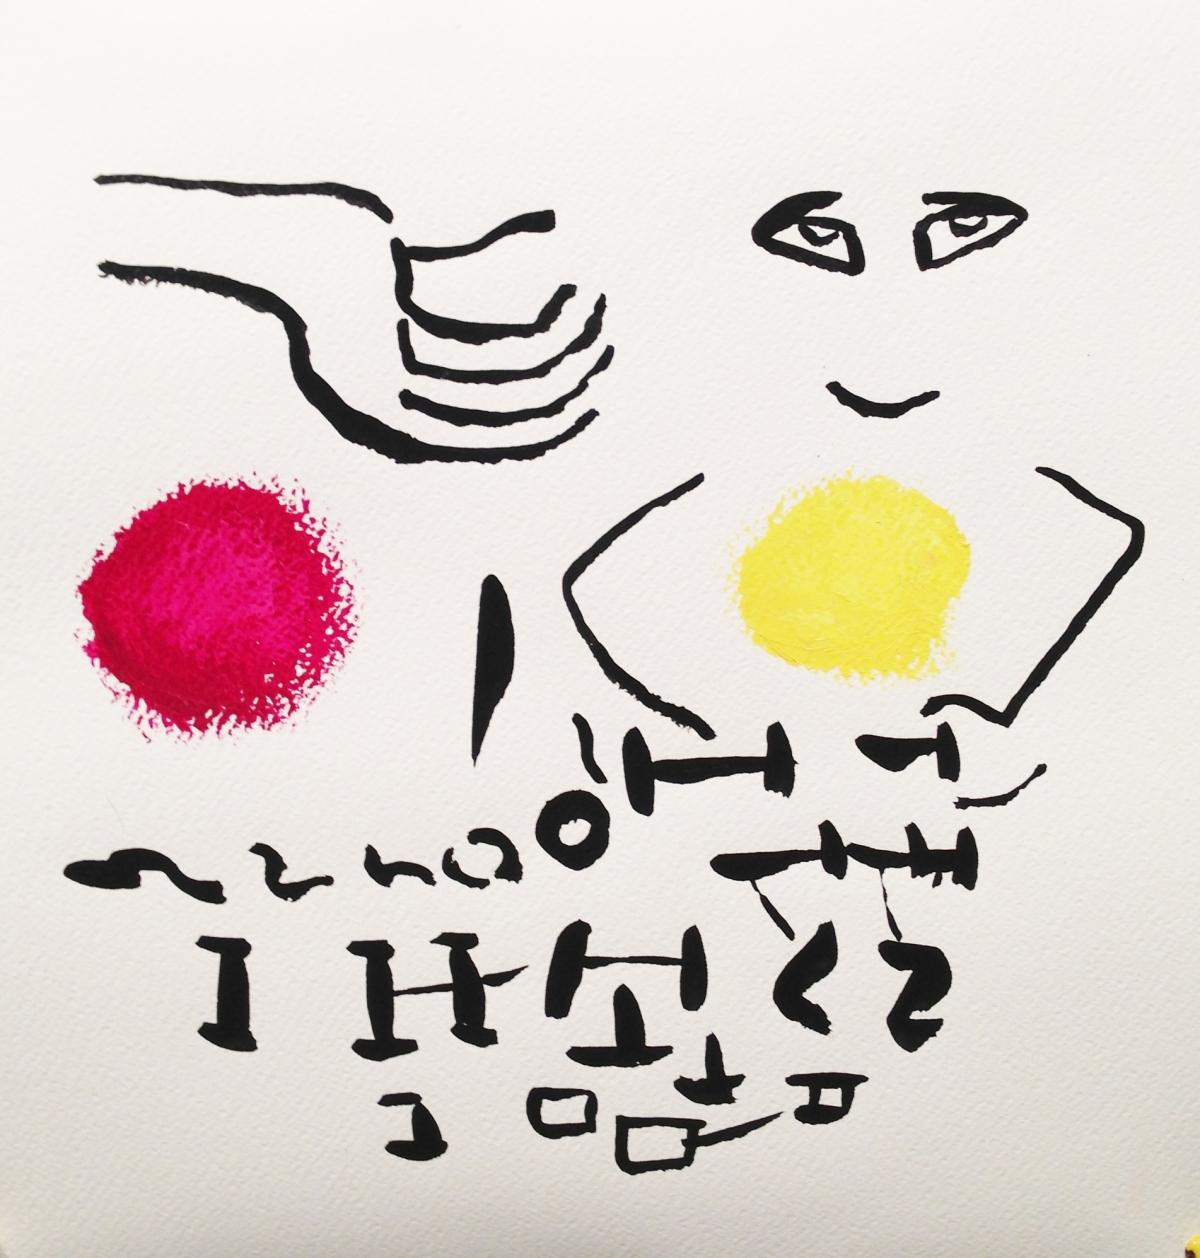 André Clouâtre, Petit homme, Encre et acrylique, 38 x 38 cm (15 x 15 po,), 2013